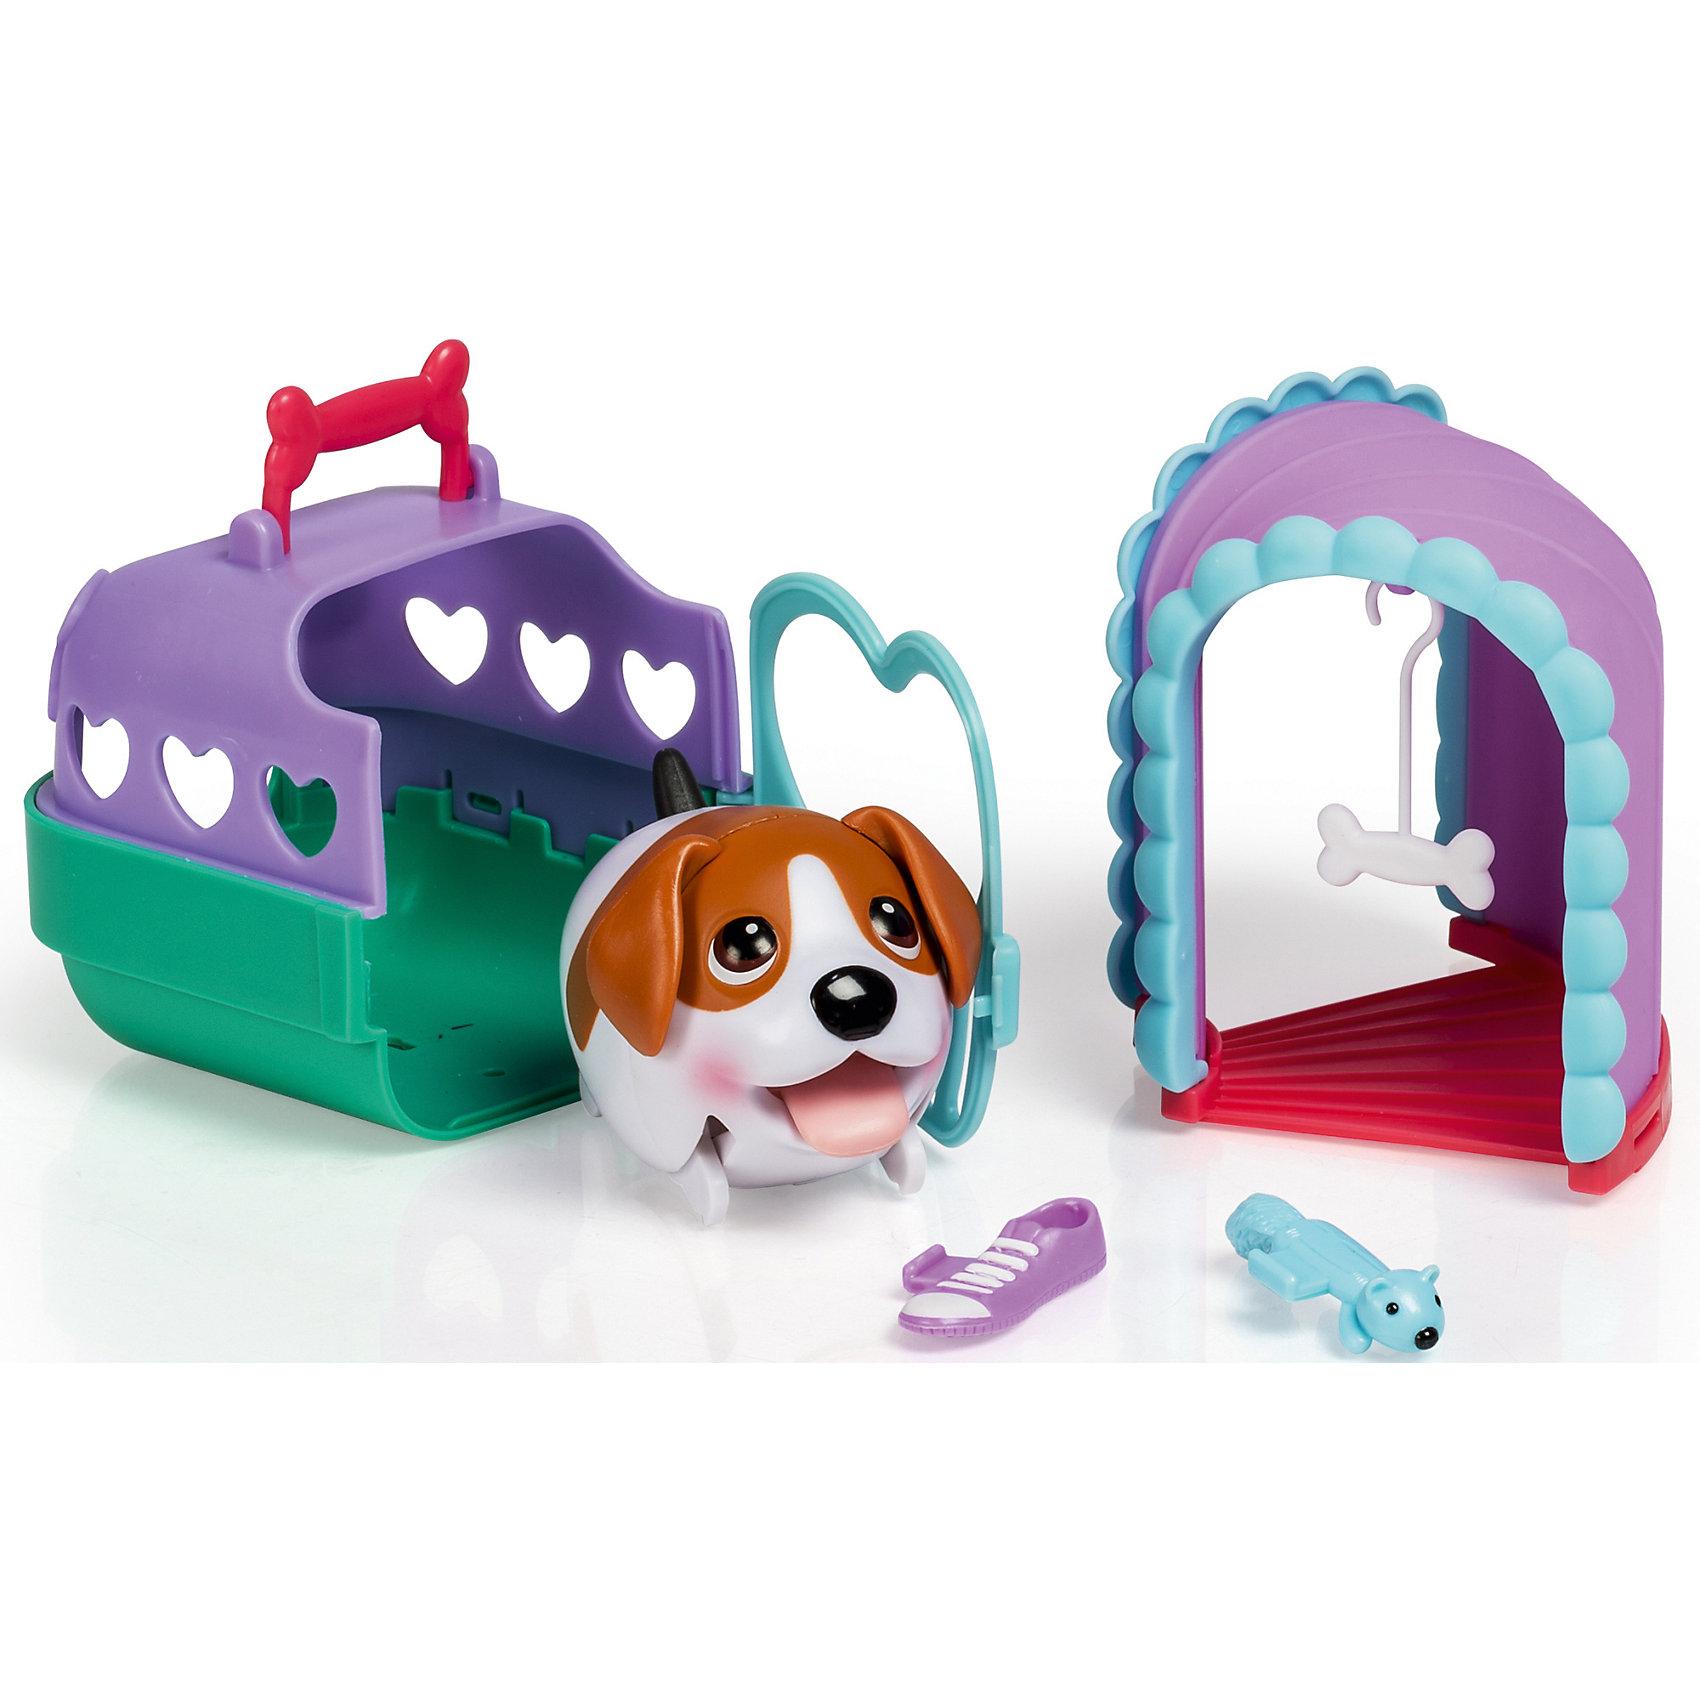 Игровой набор Детская площадка, Chubby PuppiesХарактеристики товара:<br><br>- цвет: разноцветный;<br>- материал: пластик, металл;<br>- комплектация: щенок, домик, аксессуары;<br>- особенности: щенок ходит;<br>- батарейки: 1 х ААА / LR 0.3 1.5 V (мизинчиковые), в комплекте;<br>- размер упаковки: 31х11х15 см;<br>- упаковка: картонная коробка блистерного типа;<br>- вес: 500 г;<br>- страна обладатель бренда: Канада.<br><br>Такой веселый щенок не оставит ребенка равнодушным! Какой малыш откажется поиграть с щенком-игрушкой, который умеет забавно ходить?! Игрушка отлично детализирована, очень качественно выполнена, поэтому она станет отличным подарком ребенку. В наборе идет домик и аксессуары для щенка.<br>Изделие произведено из высококачественного материала, безопасного для детей.<br><br>Игровой набор Детская площадка от бренда Chubby Puppies можно купить в нашем интернет-магазине.<br><br>Ширина мм: 110<br>Глубина мм: 150<br>Высота мм: 310<br>Вес г: 506<br>Возраст от месяцев: 36<br>Возраст до месяцев: 2147483647<br>Пол: Унисекс<br>Возраст: Детский<br>SKU: 5039854